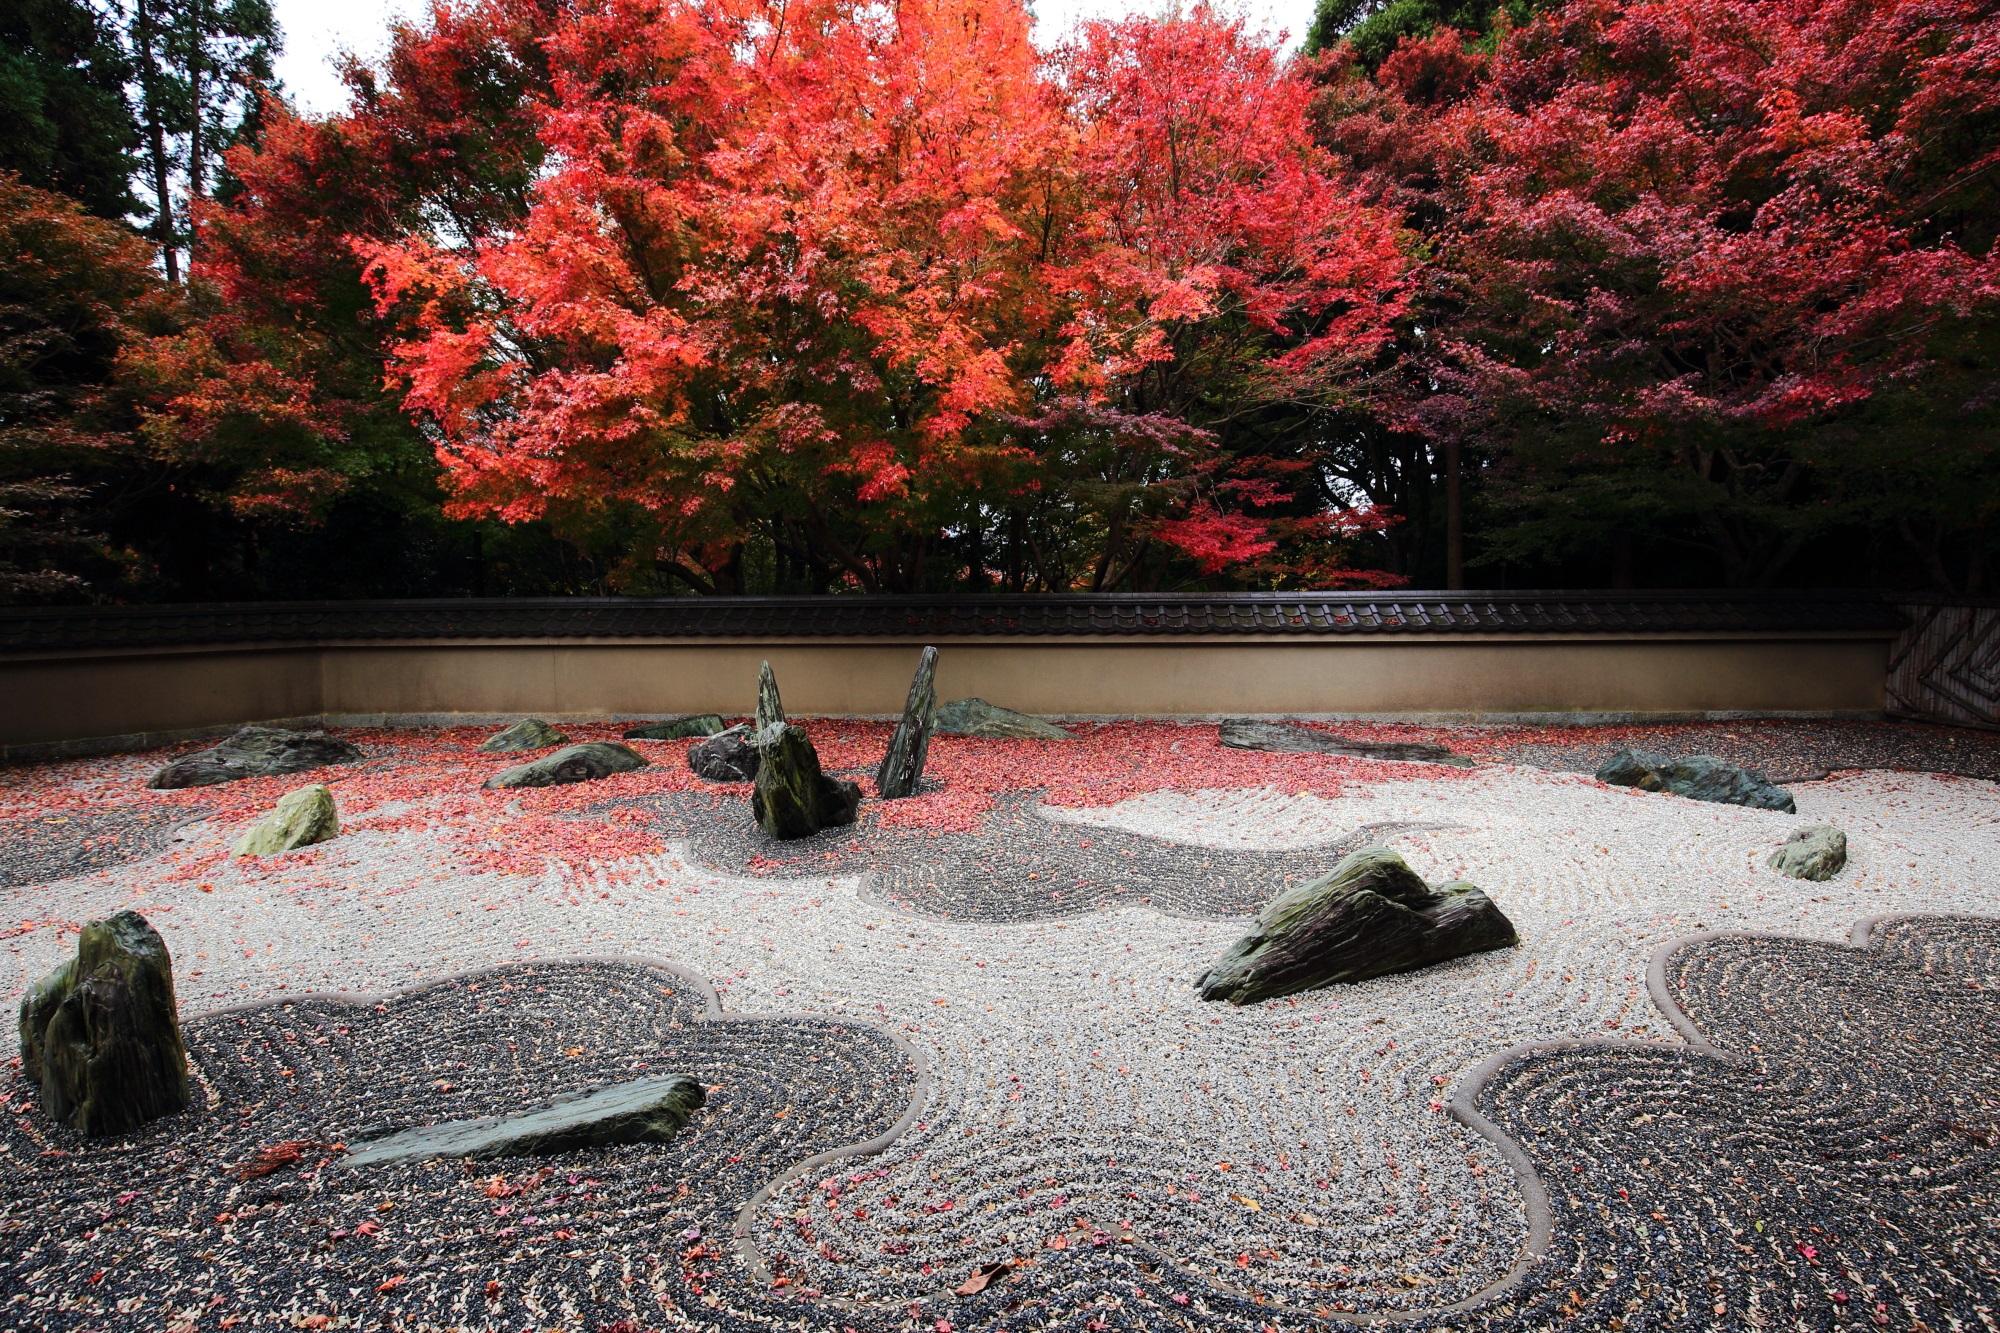 東福寺 龍吟庵(りょうぎんあん) 紅葉 飛び出す龍と紅葉